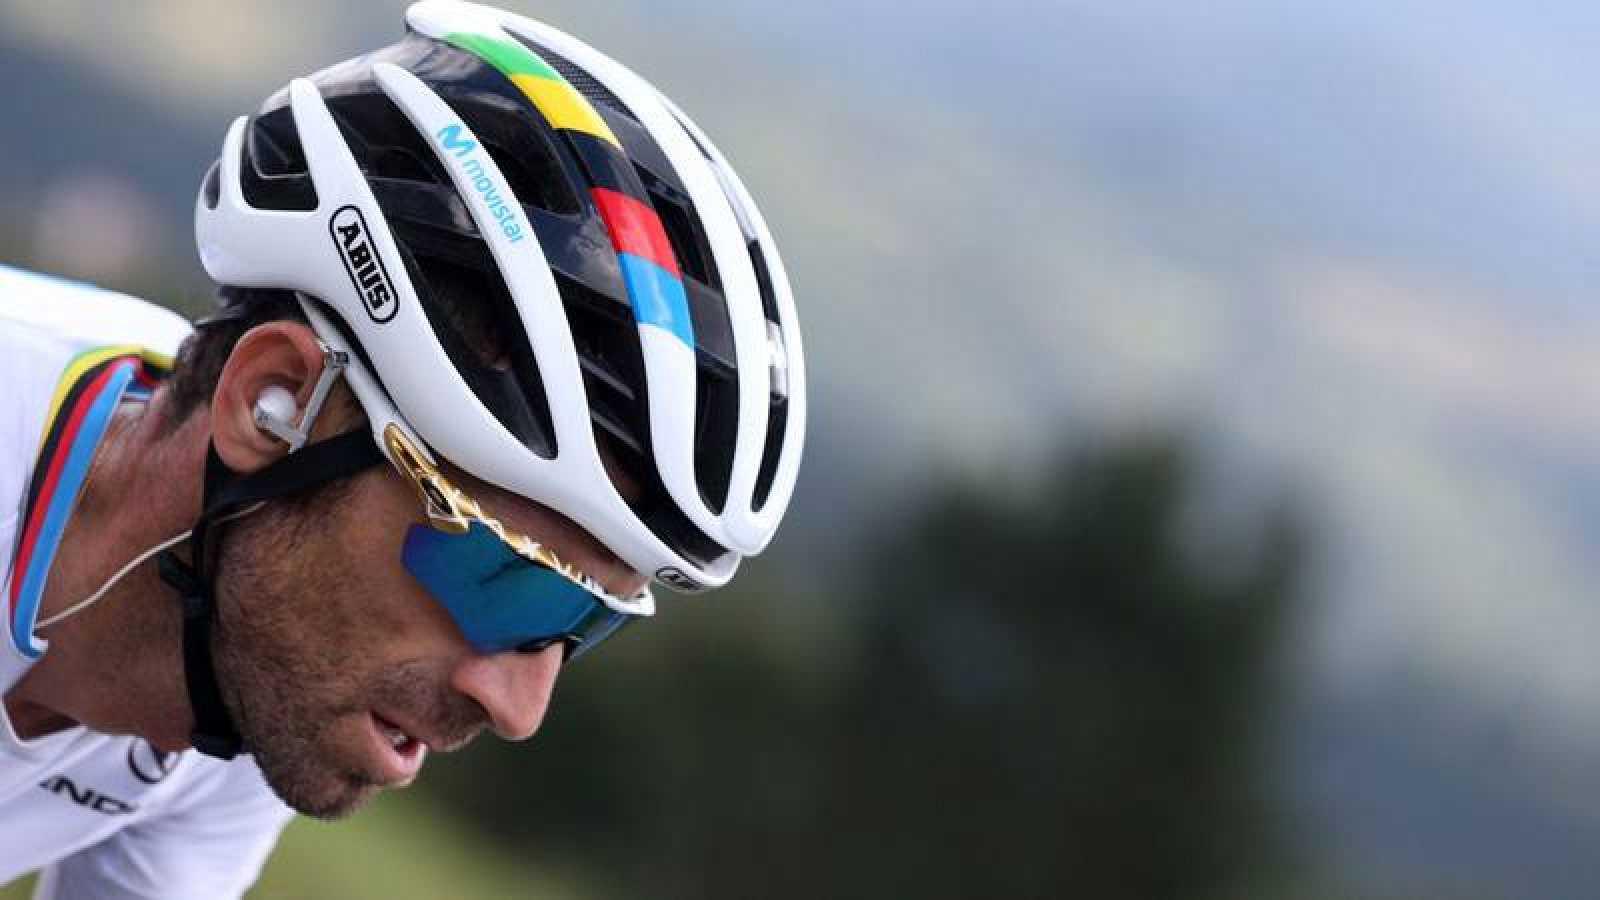 El ciclista murciano, campeón del Mundo del equipo Movistar, Alejandro Valverde